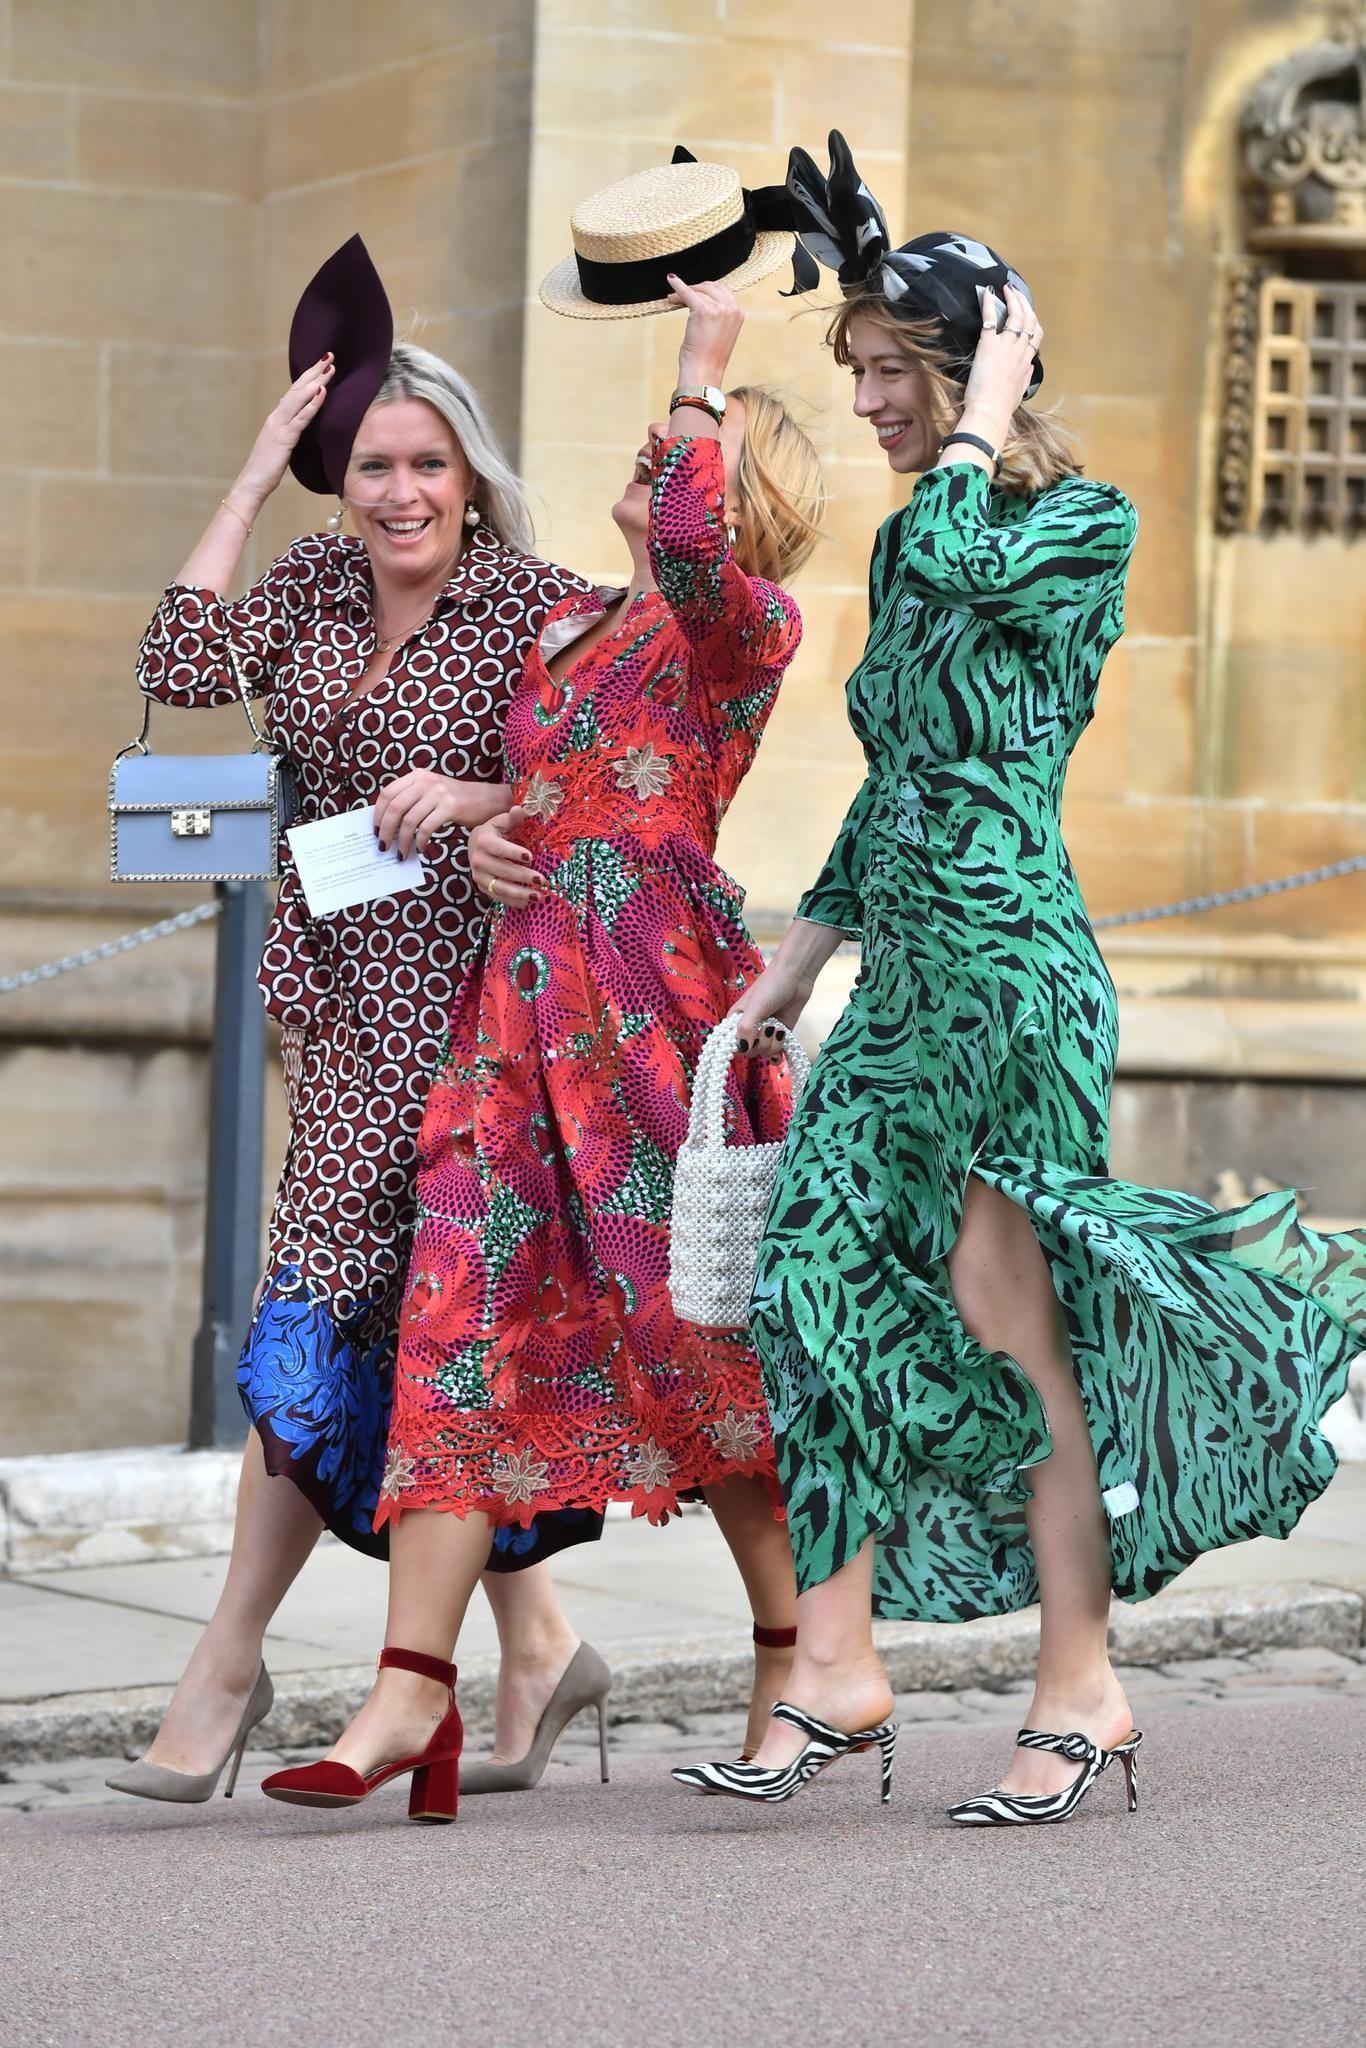 Hochzeit Prinzessin Eugenie + Jack Brooksbank: So Kämpften